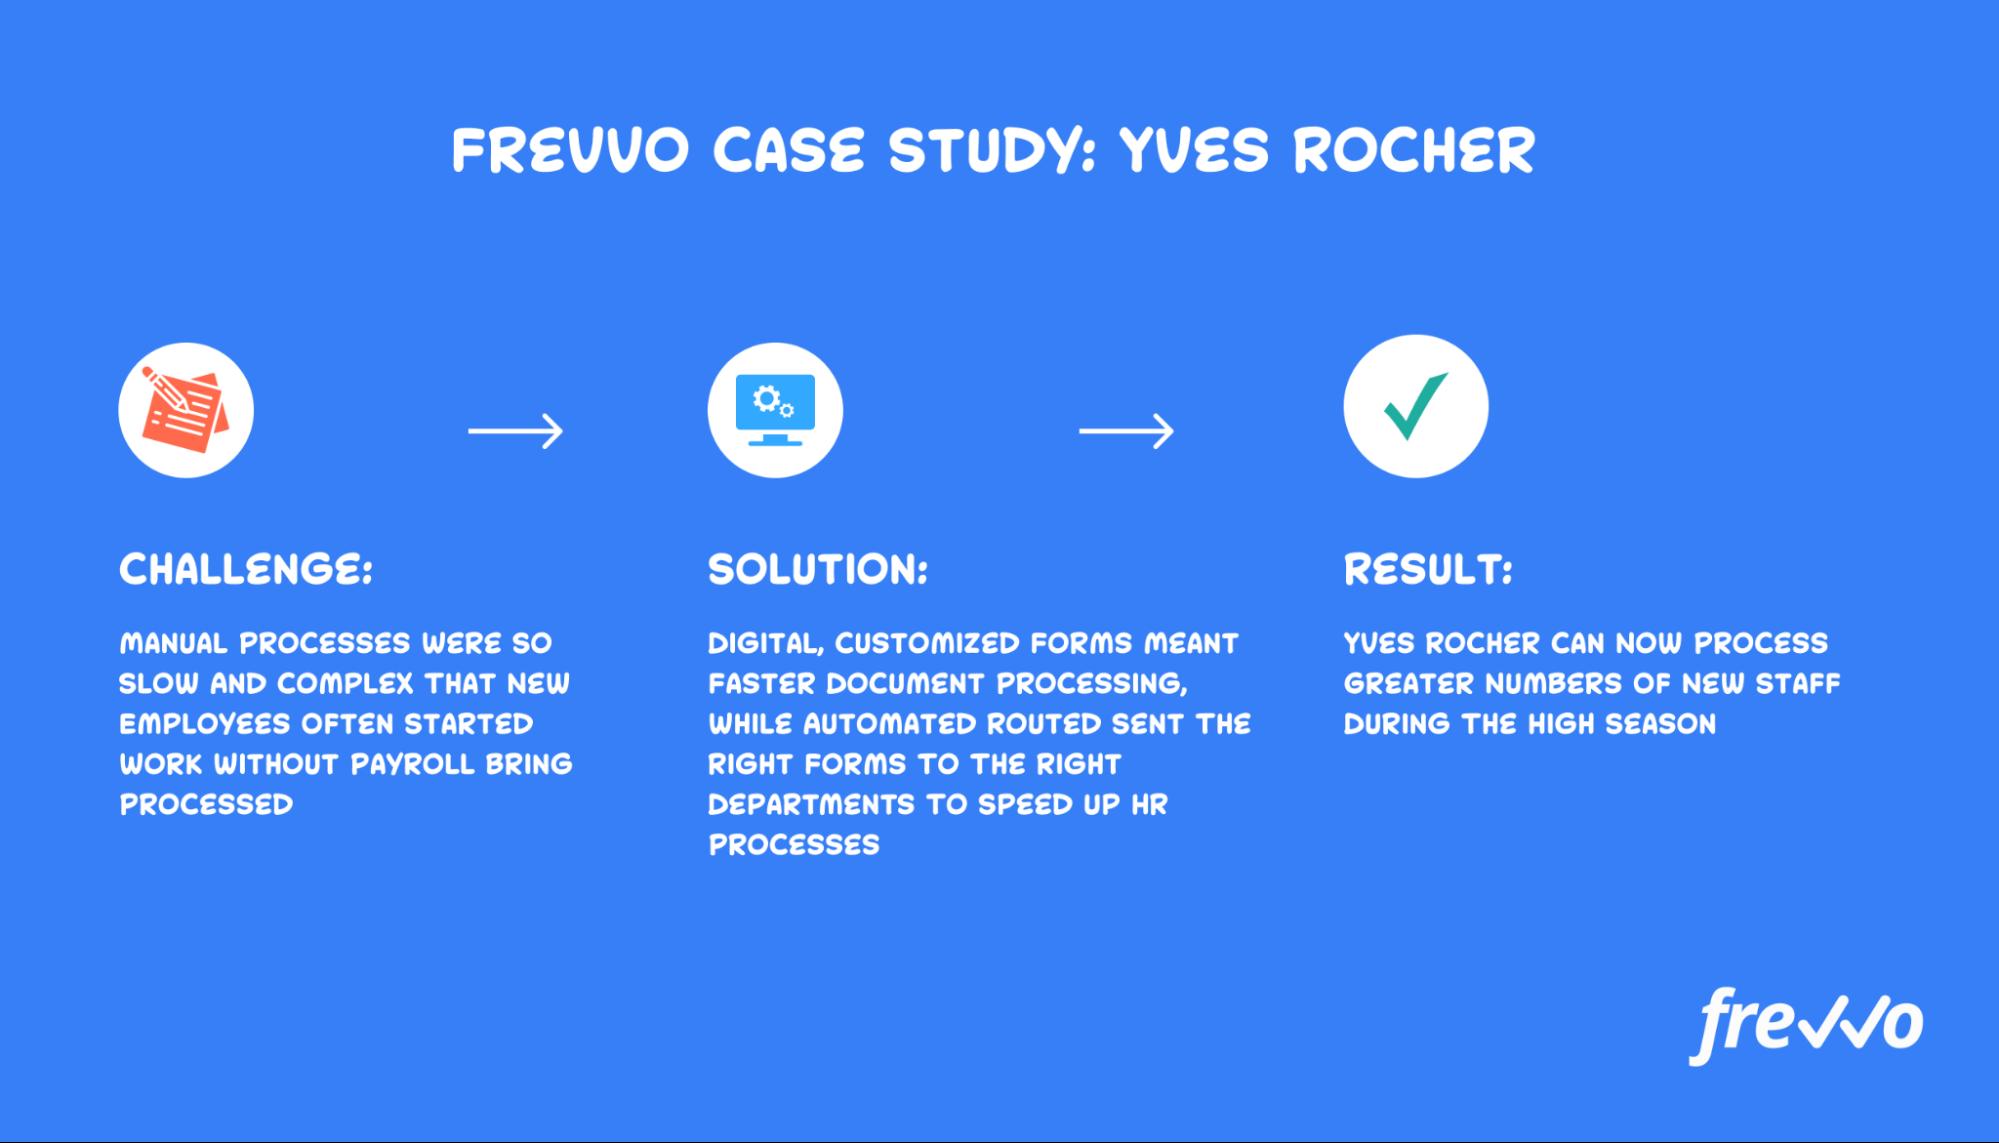 Case study of Yves Rocher using Frevvo